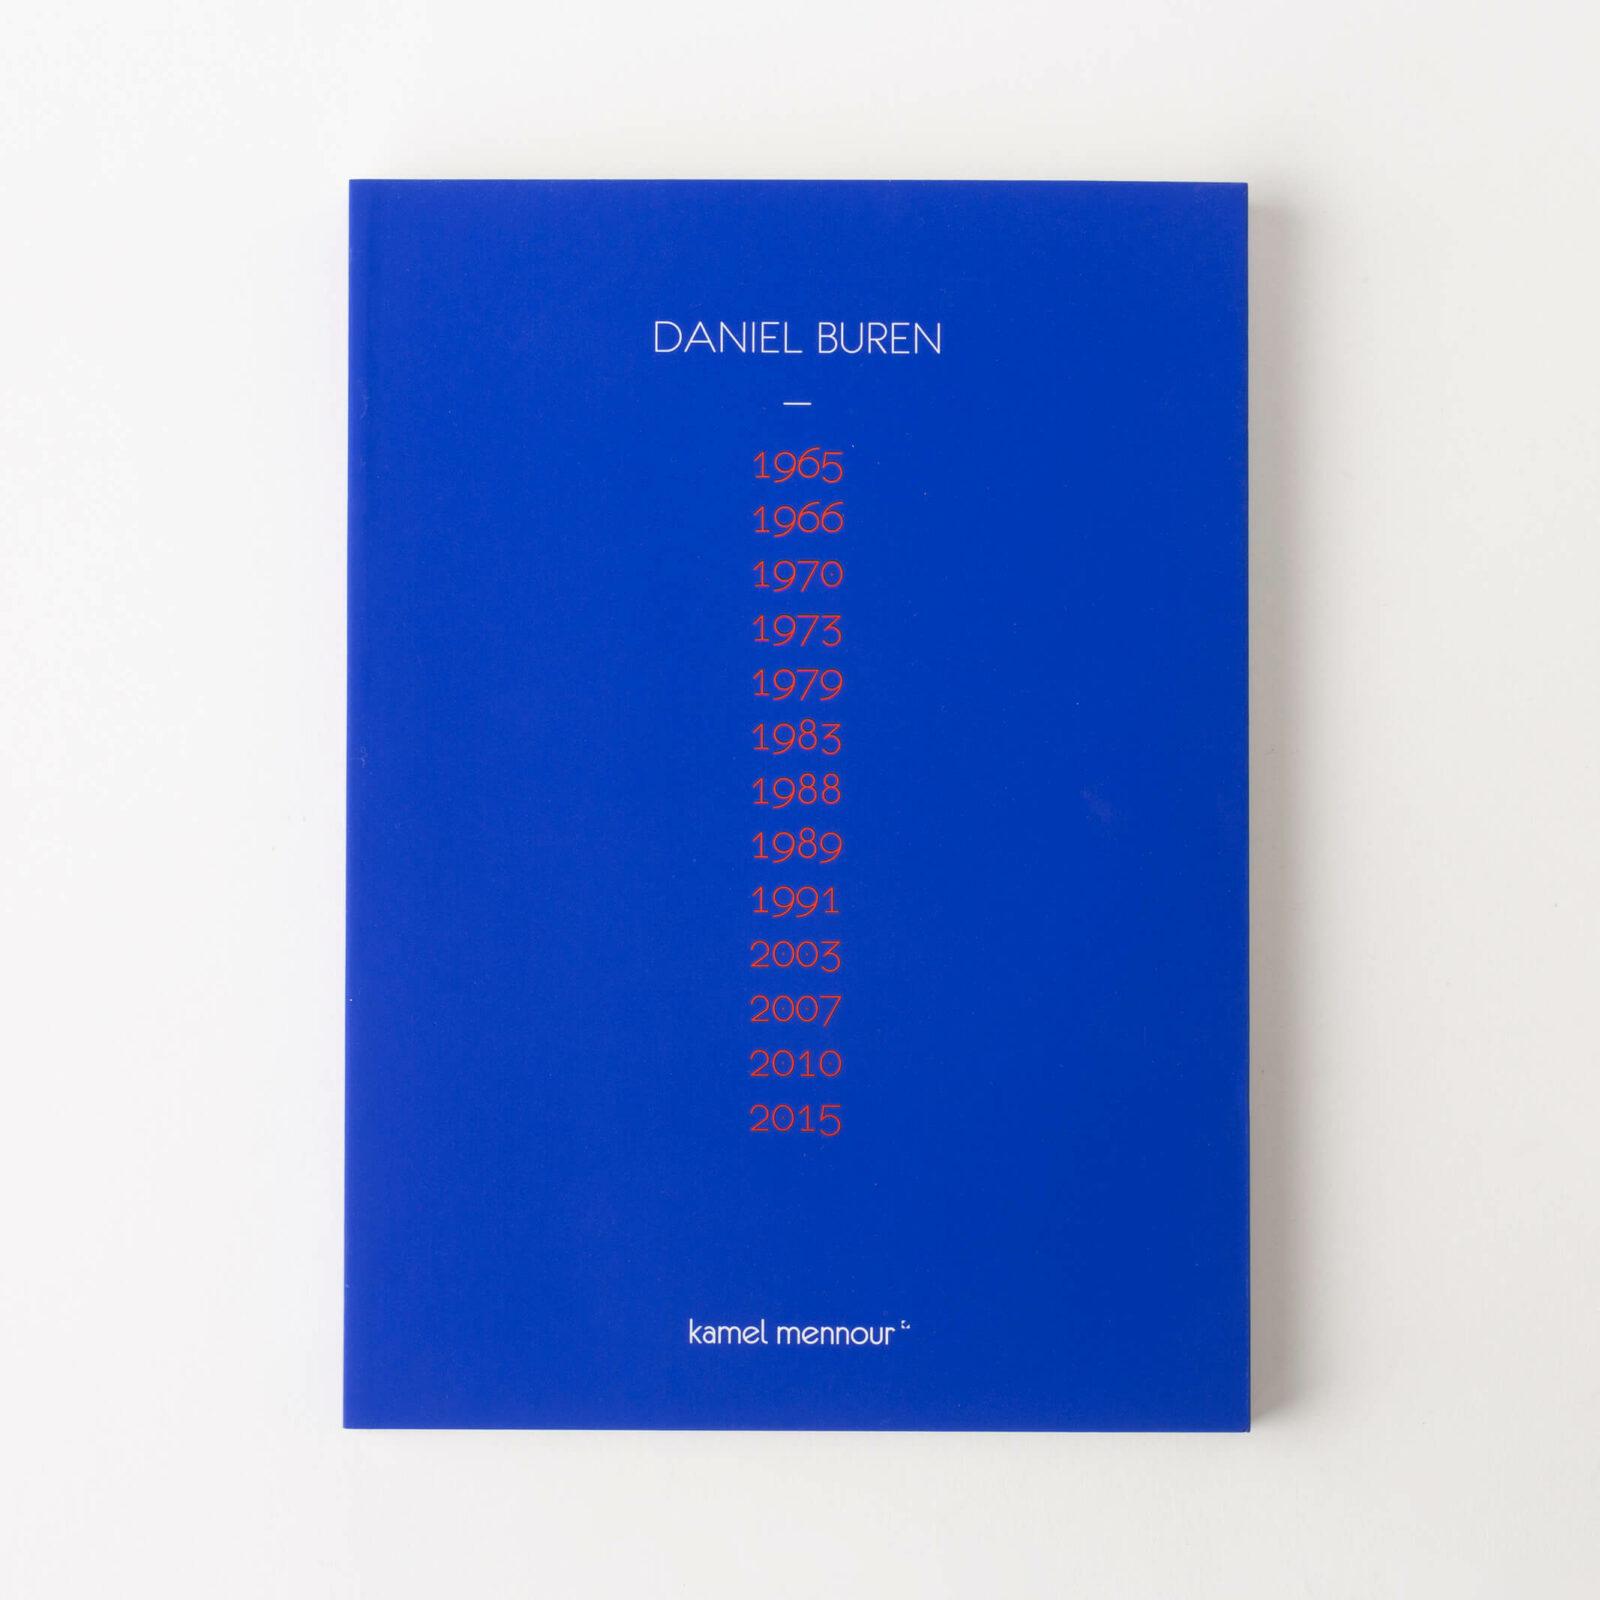 Daniel Buren, 1965-2015